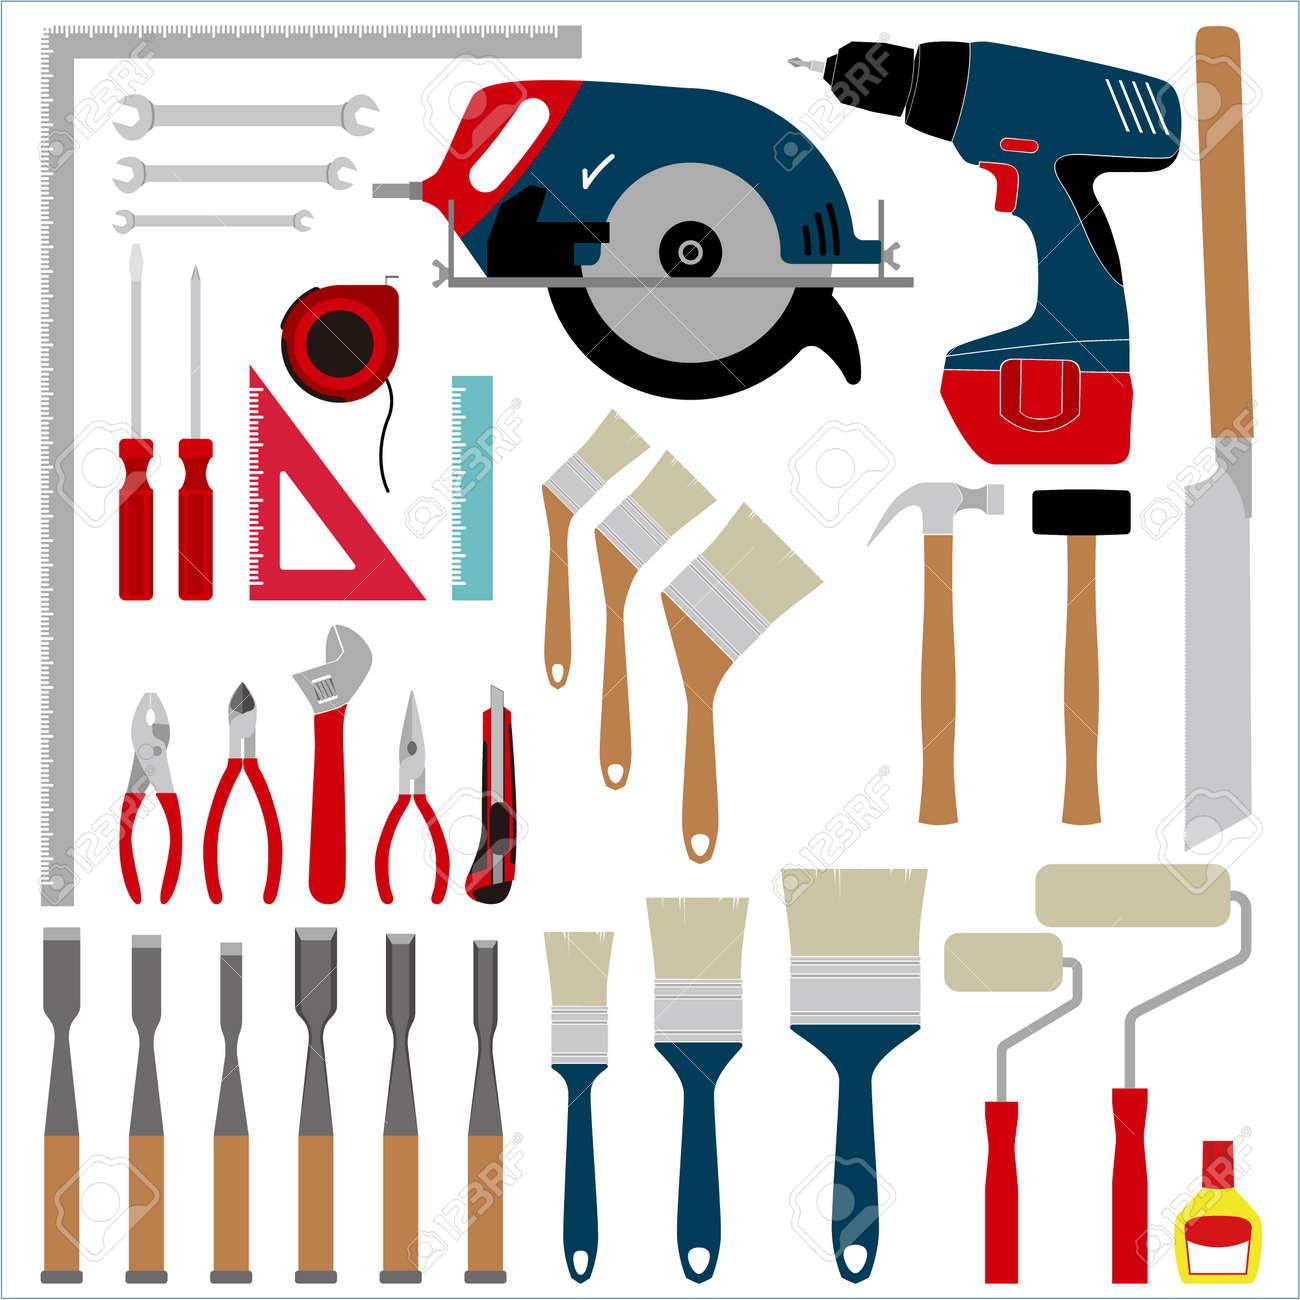 大工道具のイラスト素材ベクタ Image 64508654